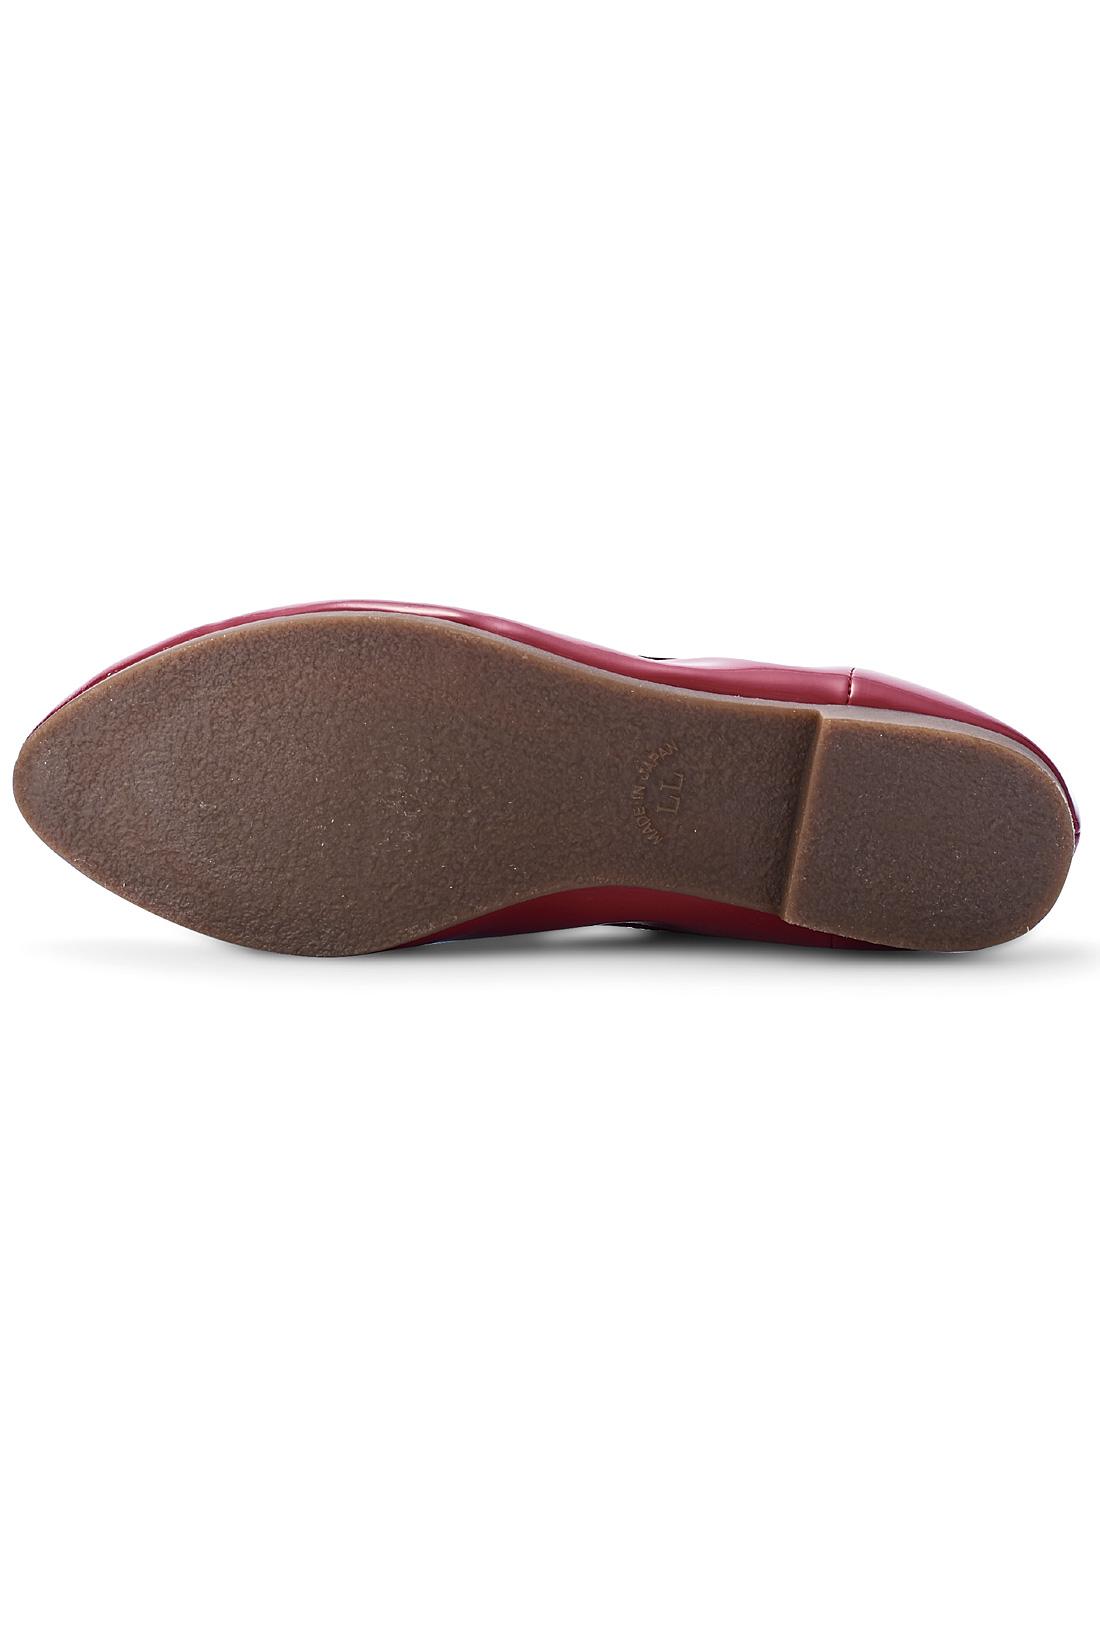 ゴム底ですべりにくく履きやすさも◎。 ※お届けするカラーとは異なります。